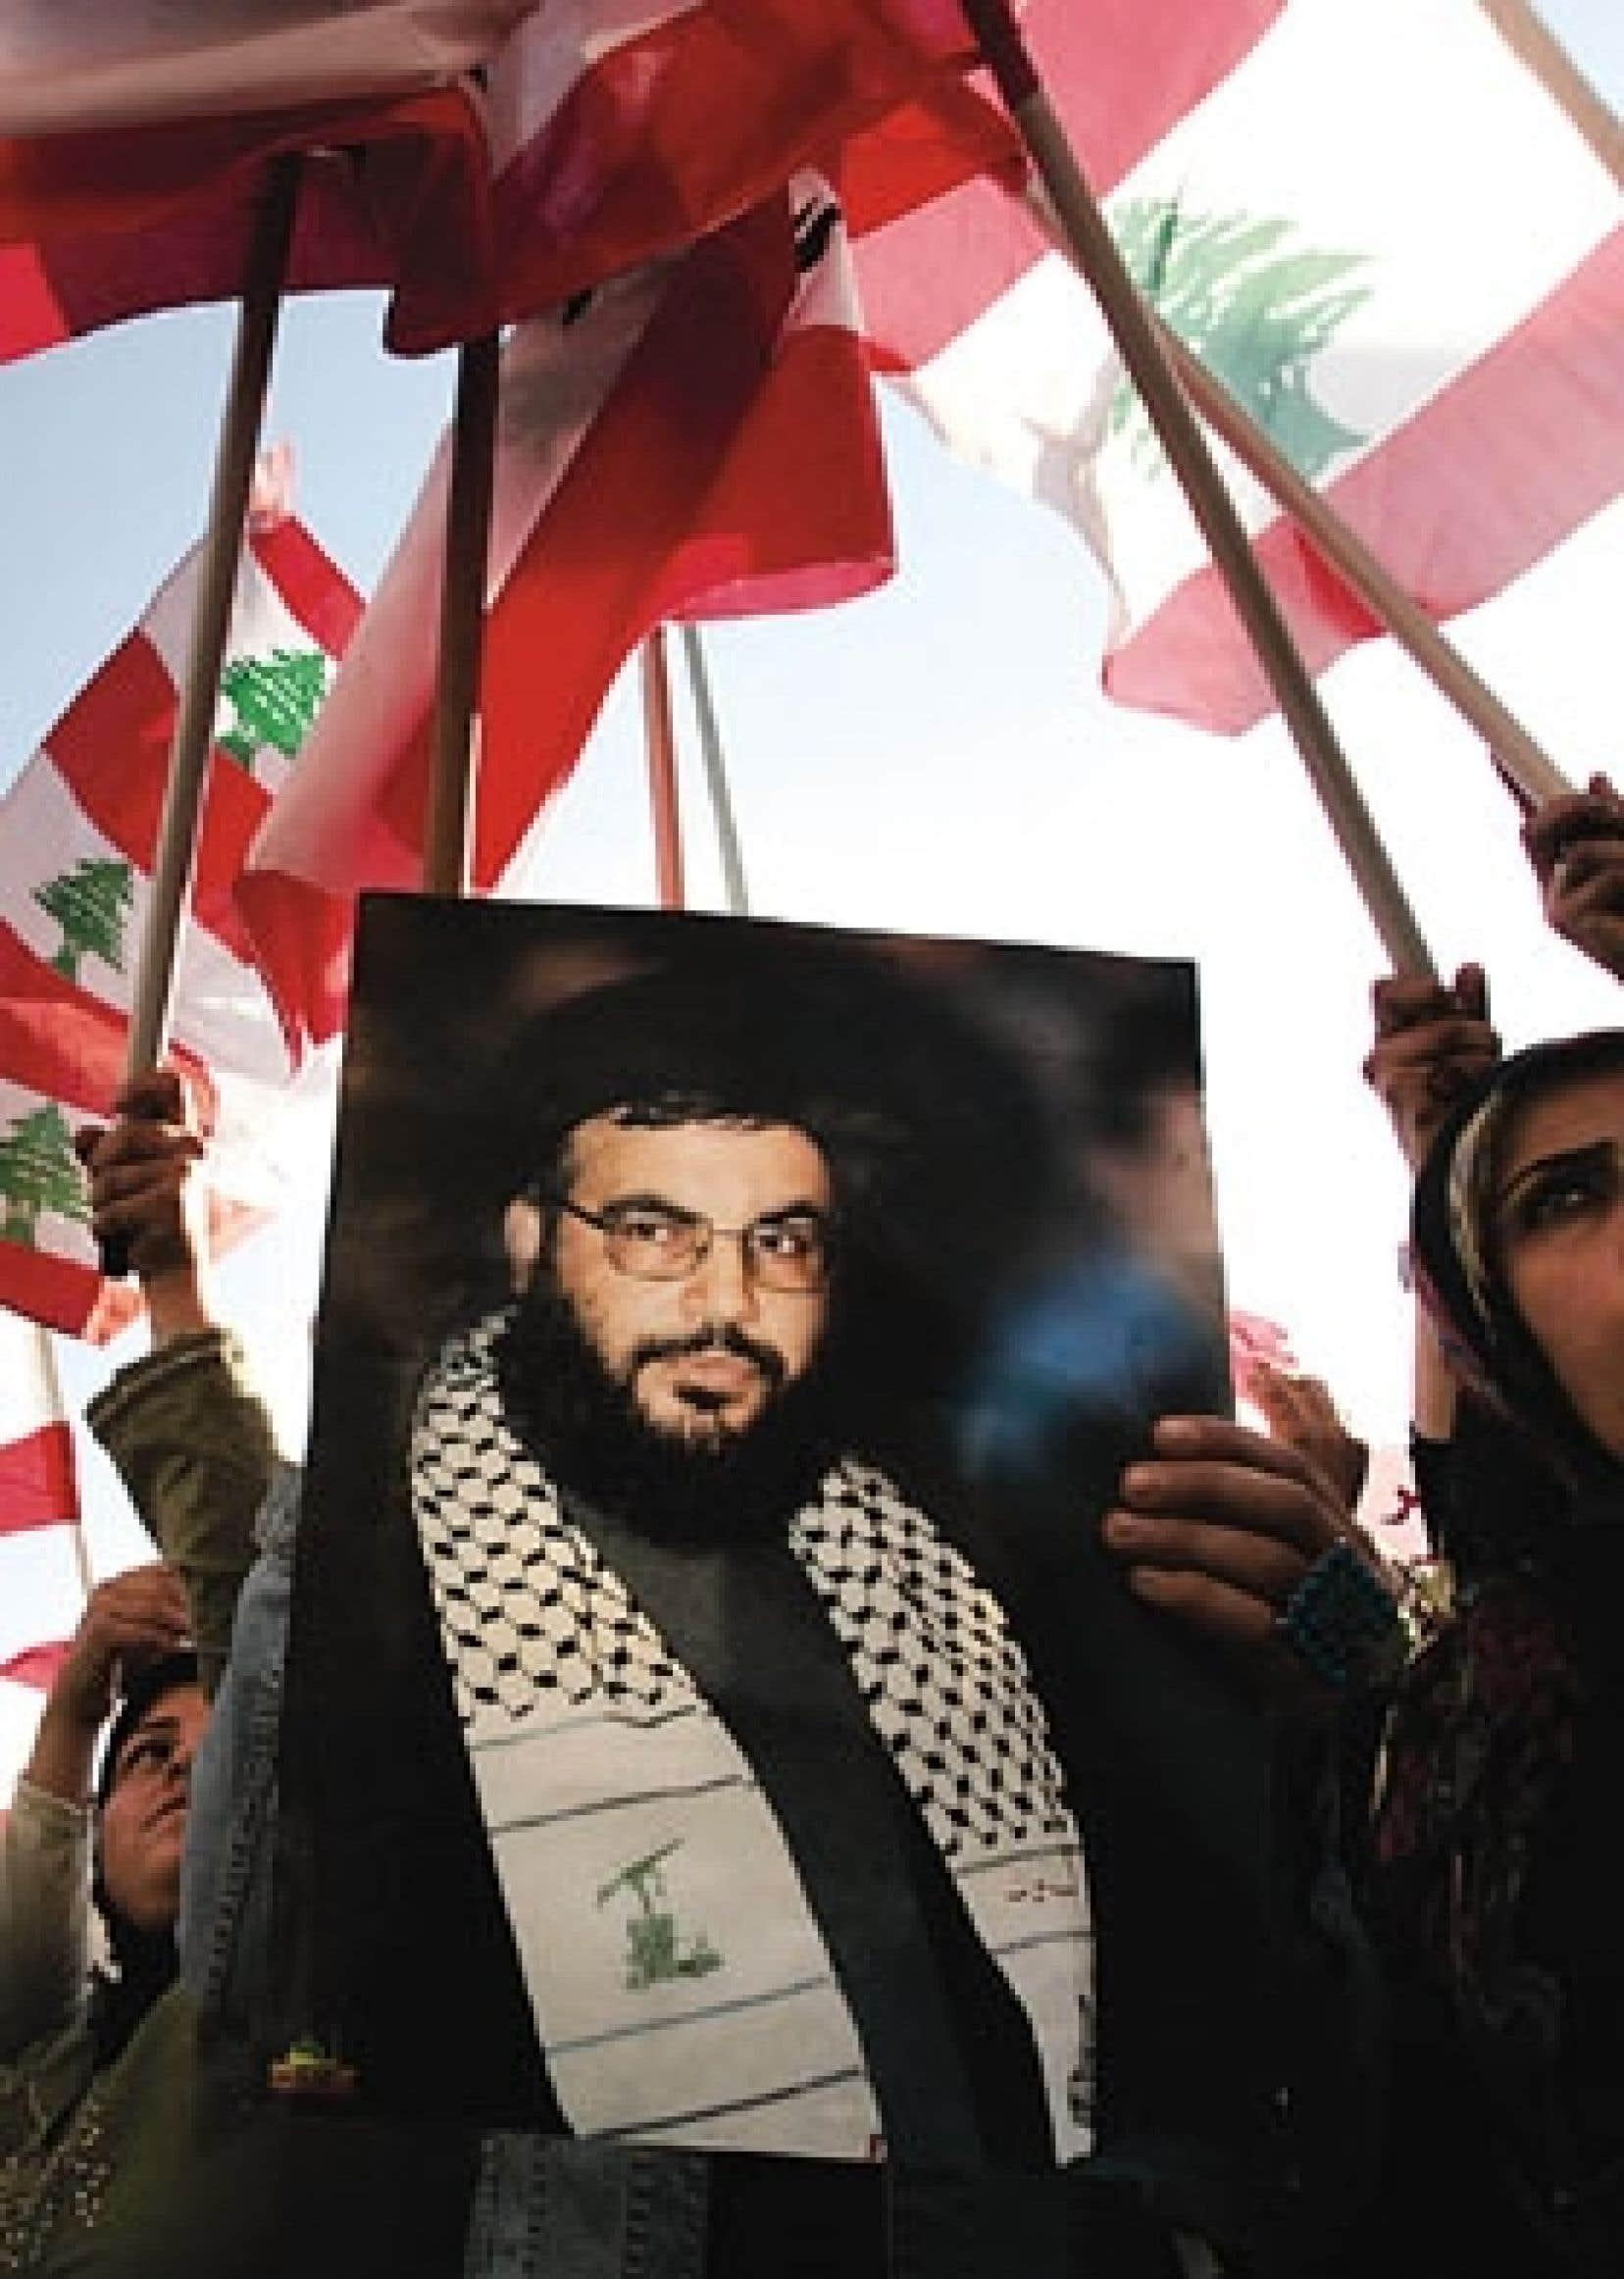 Beyrouth a croulé sous une mer de drapeaux et de pancartes comme celle-ci à l'effigie du chef du Hezbollah, Hassan Nasrallah.